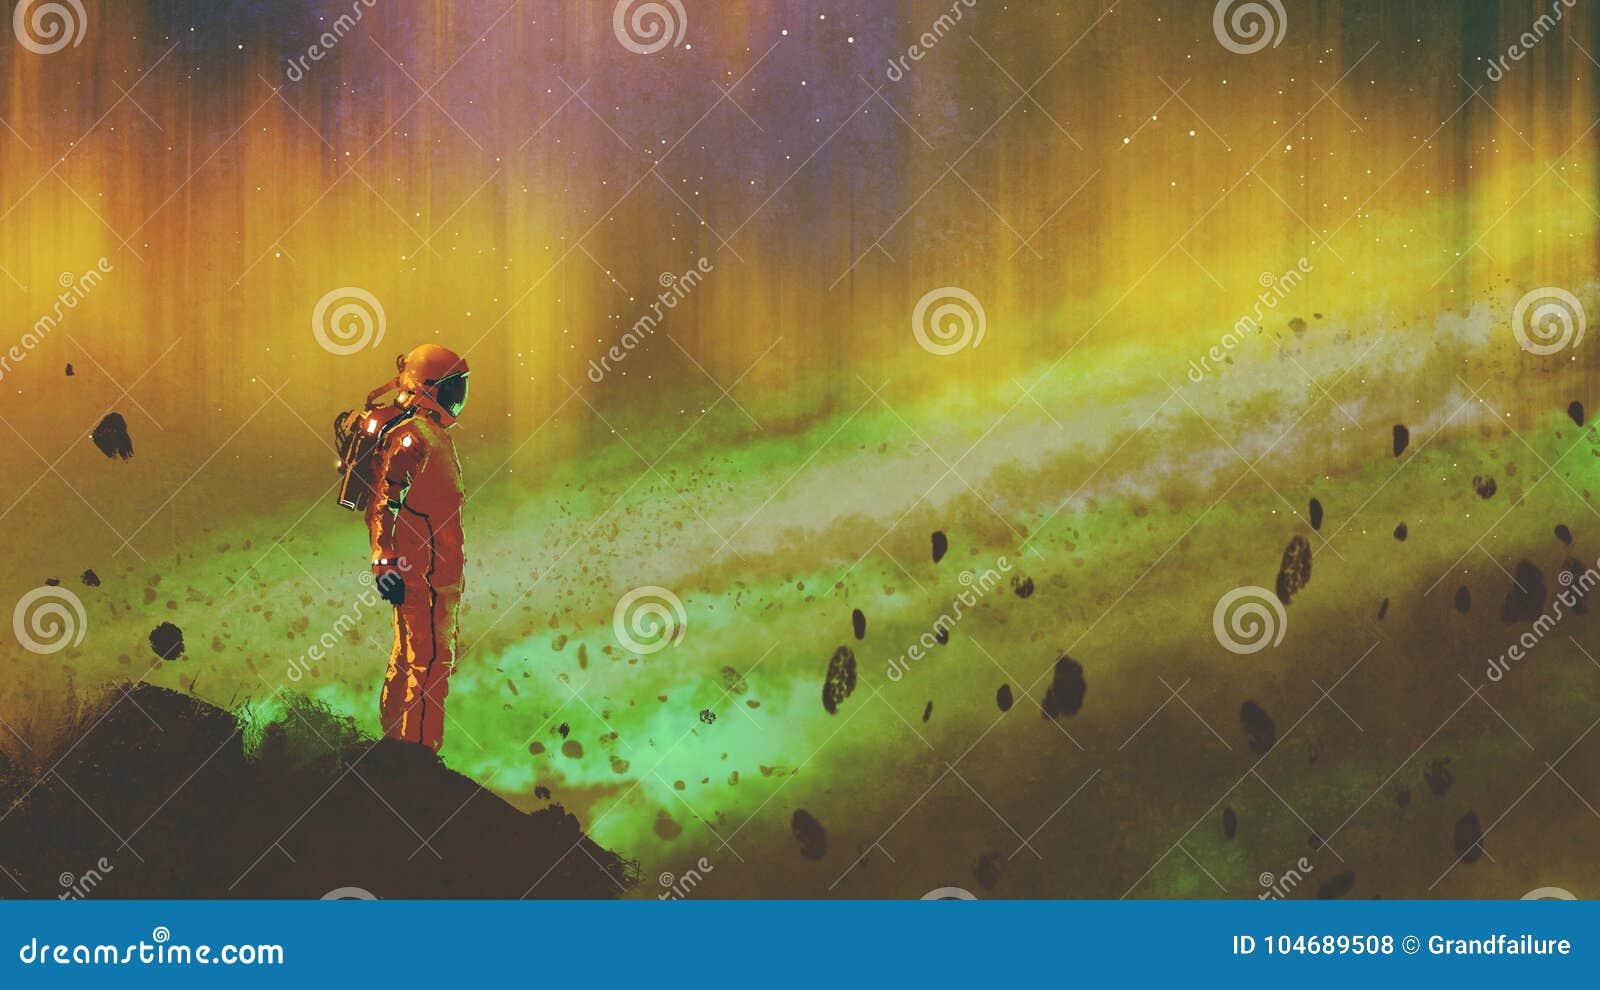 Astronauta en espacio exterior estrellado